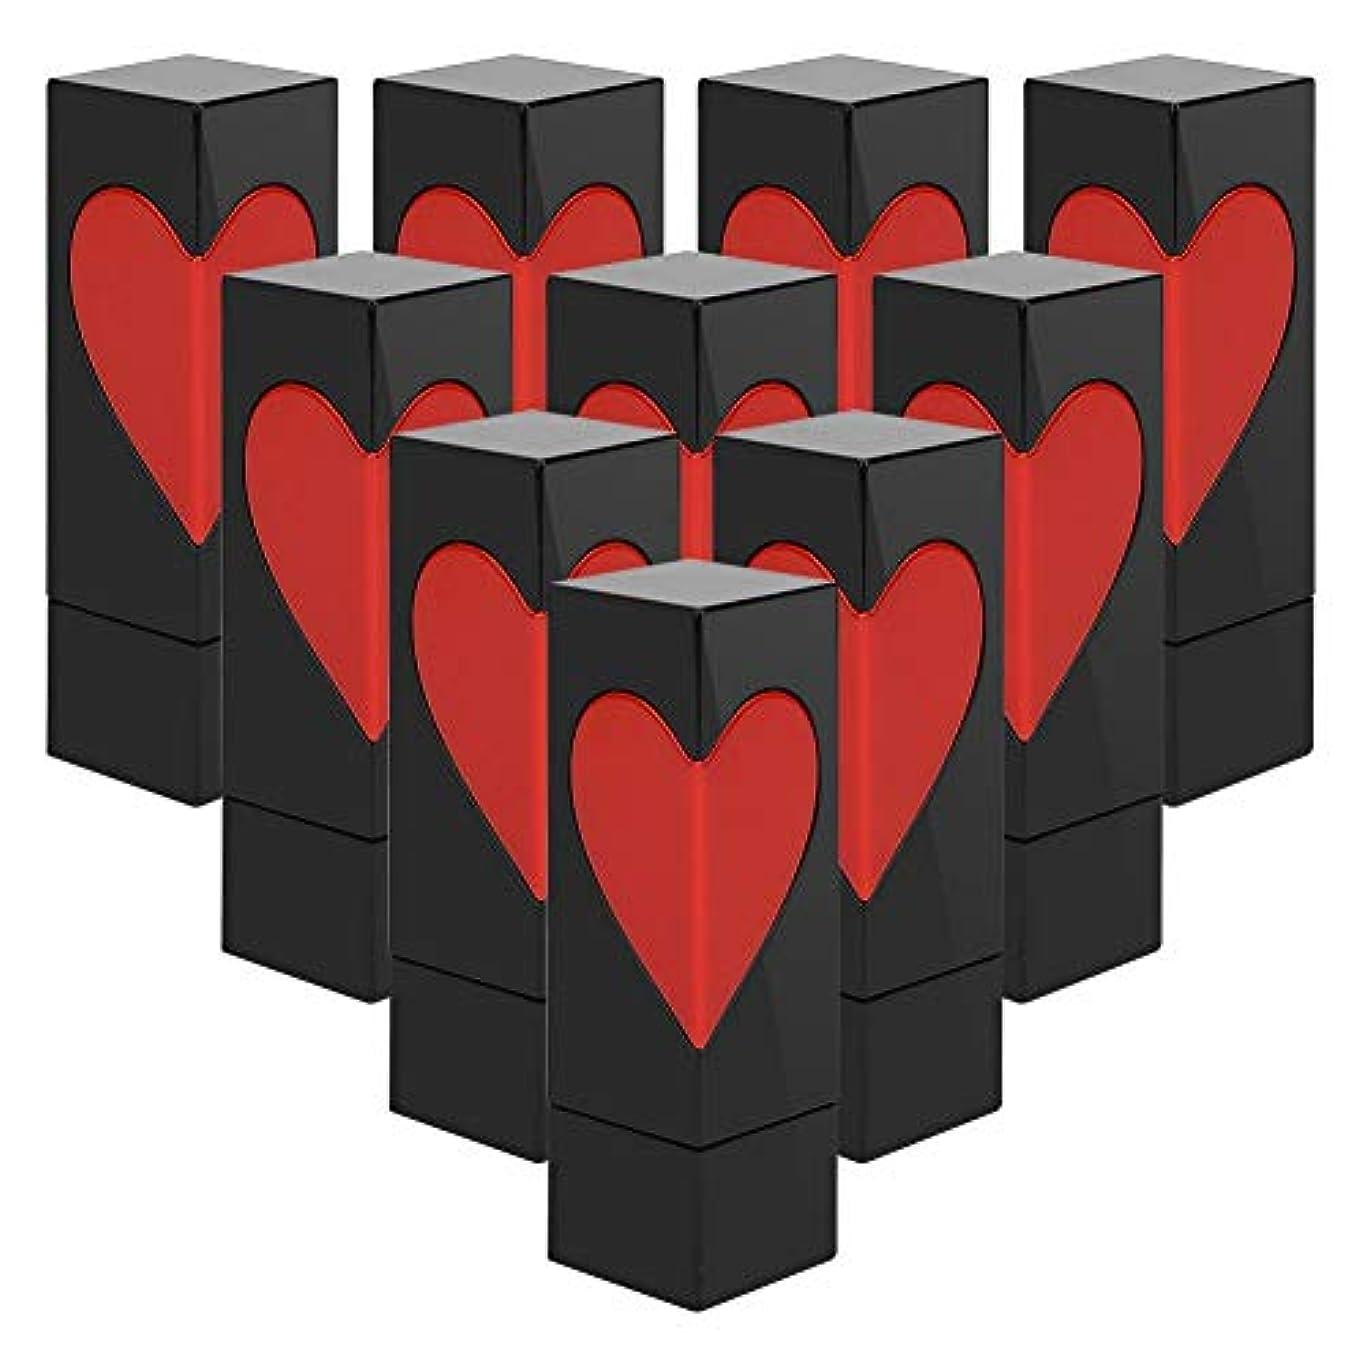 間違っている慈善ベリーSemmeの空の口紅の管、愛の心の空のDIYの口紅の容器の自作の口紅型のリップ?クリームの管(テンオップバッグ)